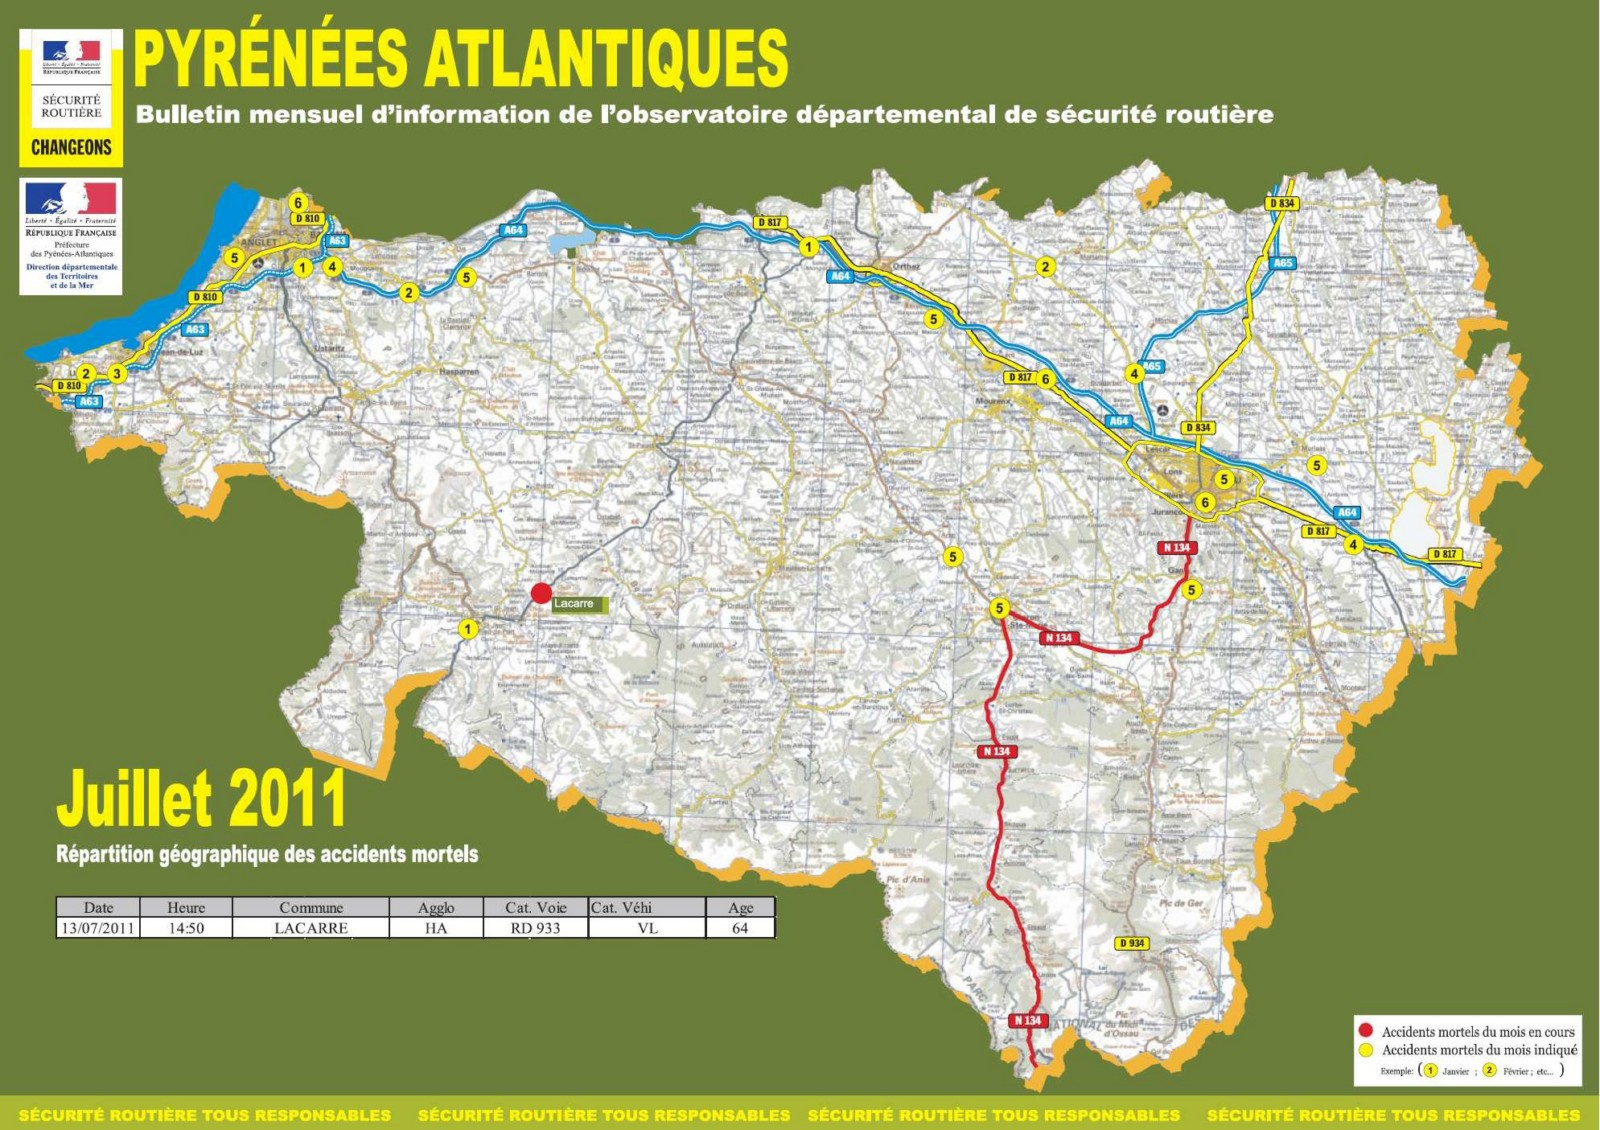 L'Accidentologie au mois de juillet 2011 sur les Pyrénées-Atlantiques